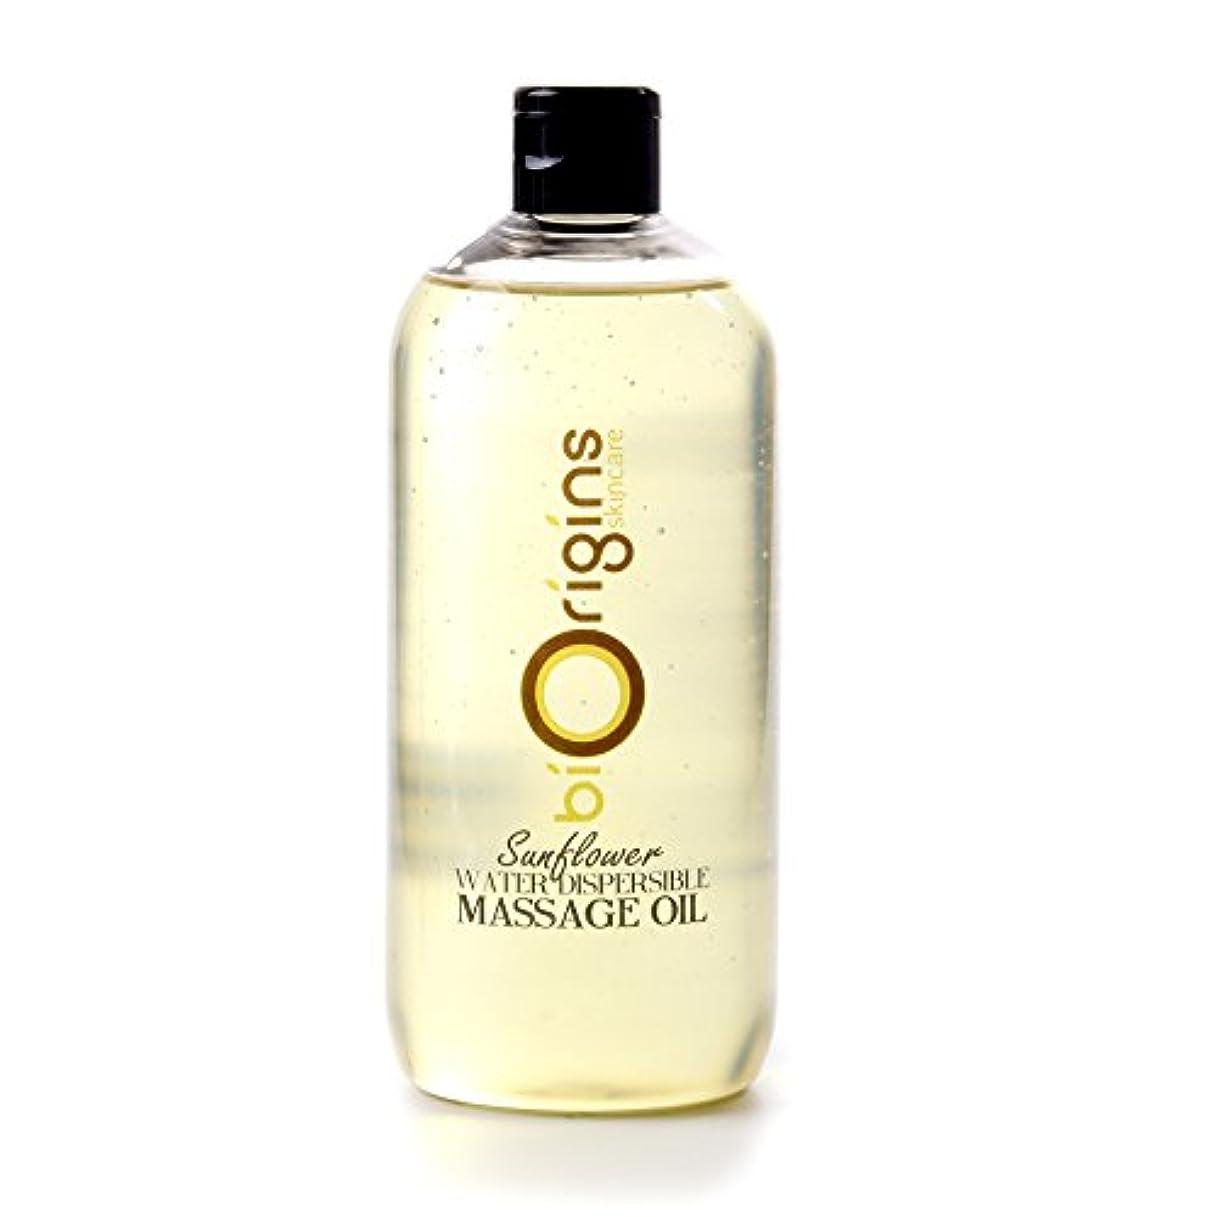 必需品粉砕する過剰Sunflower Water Dispersible Massage Oil - 500ml - 100% Pure